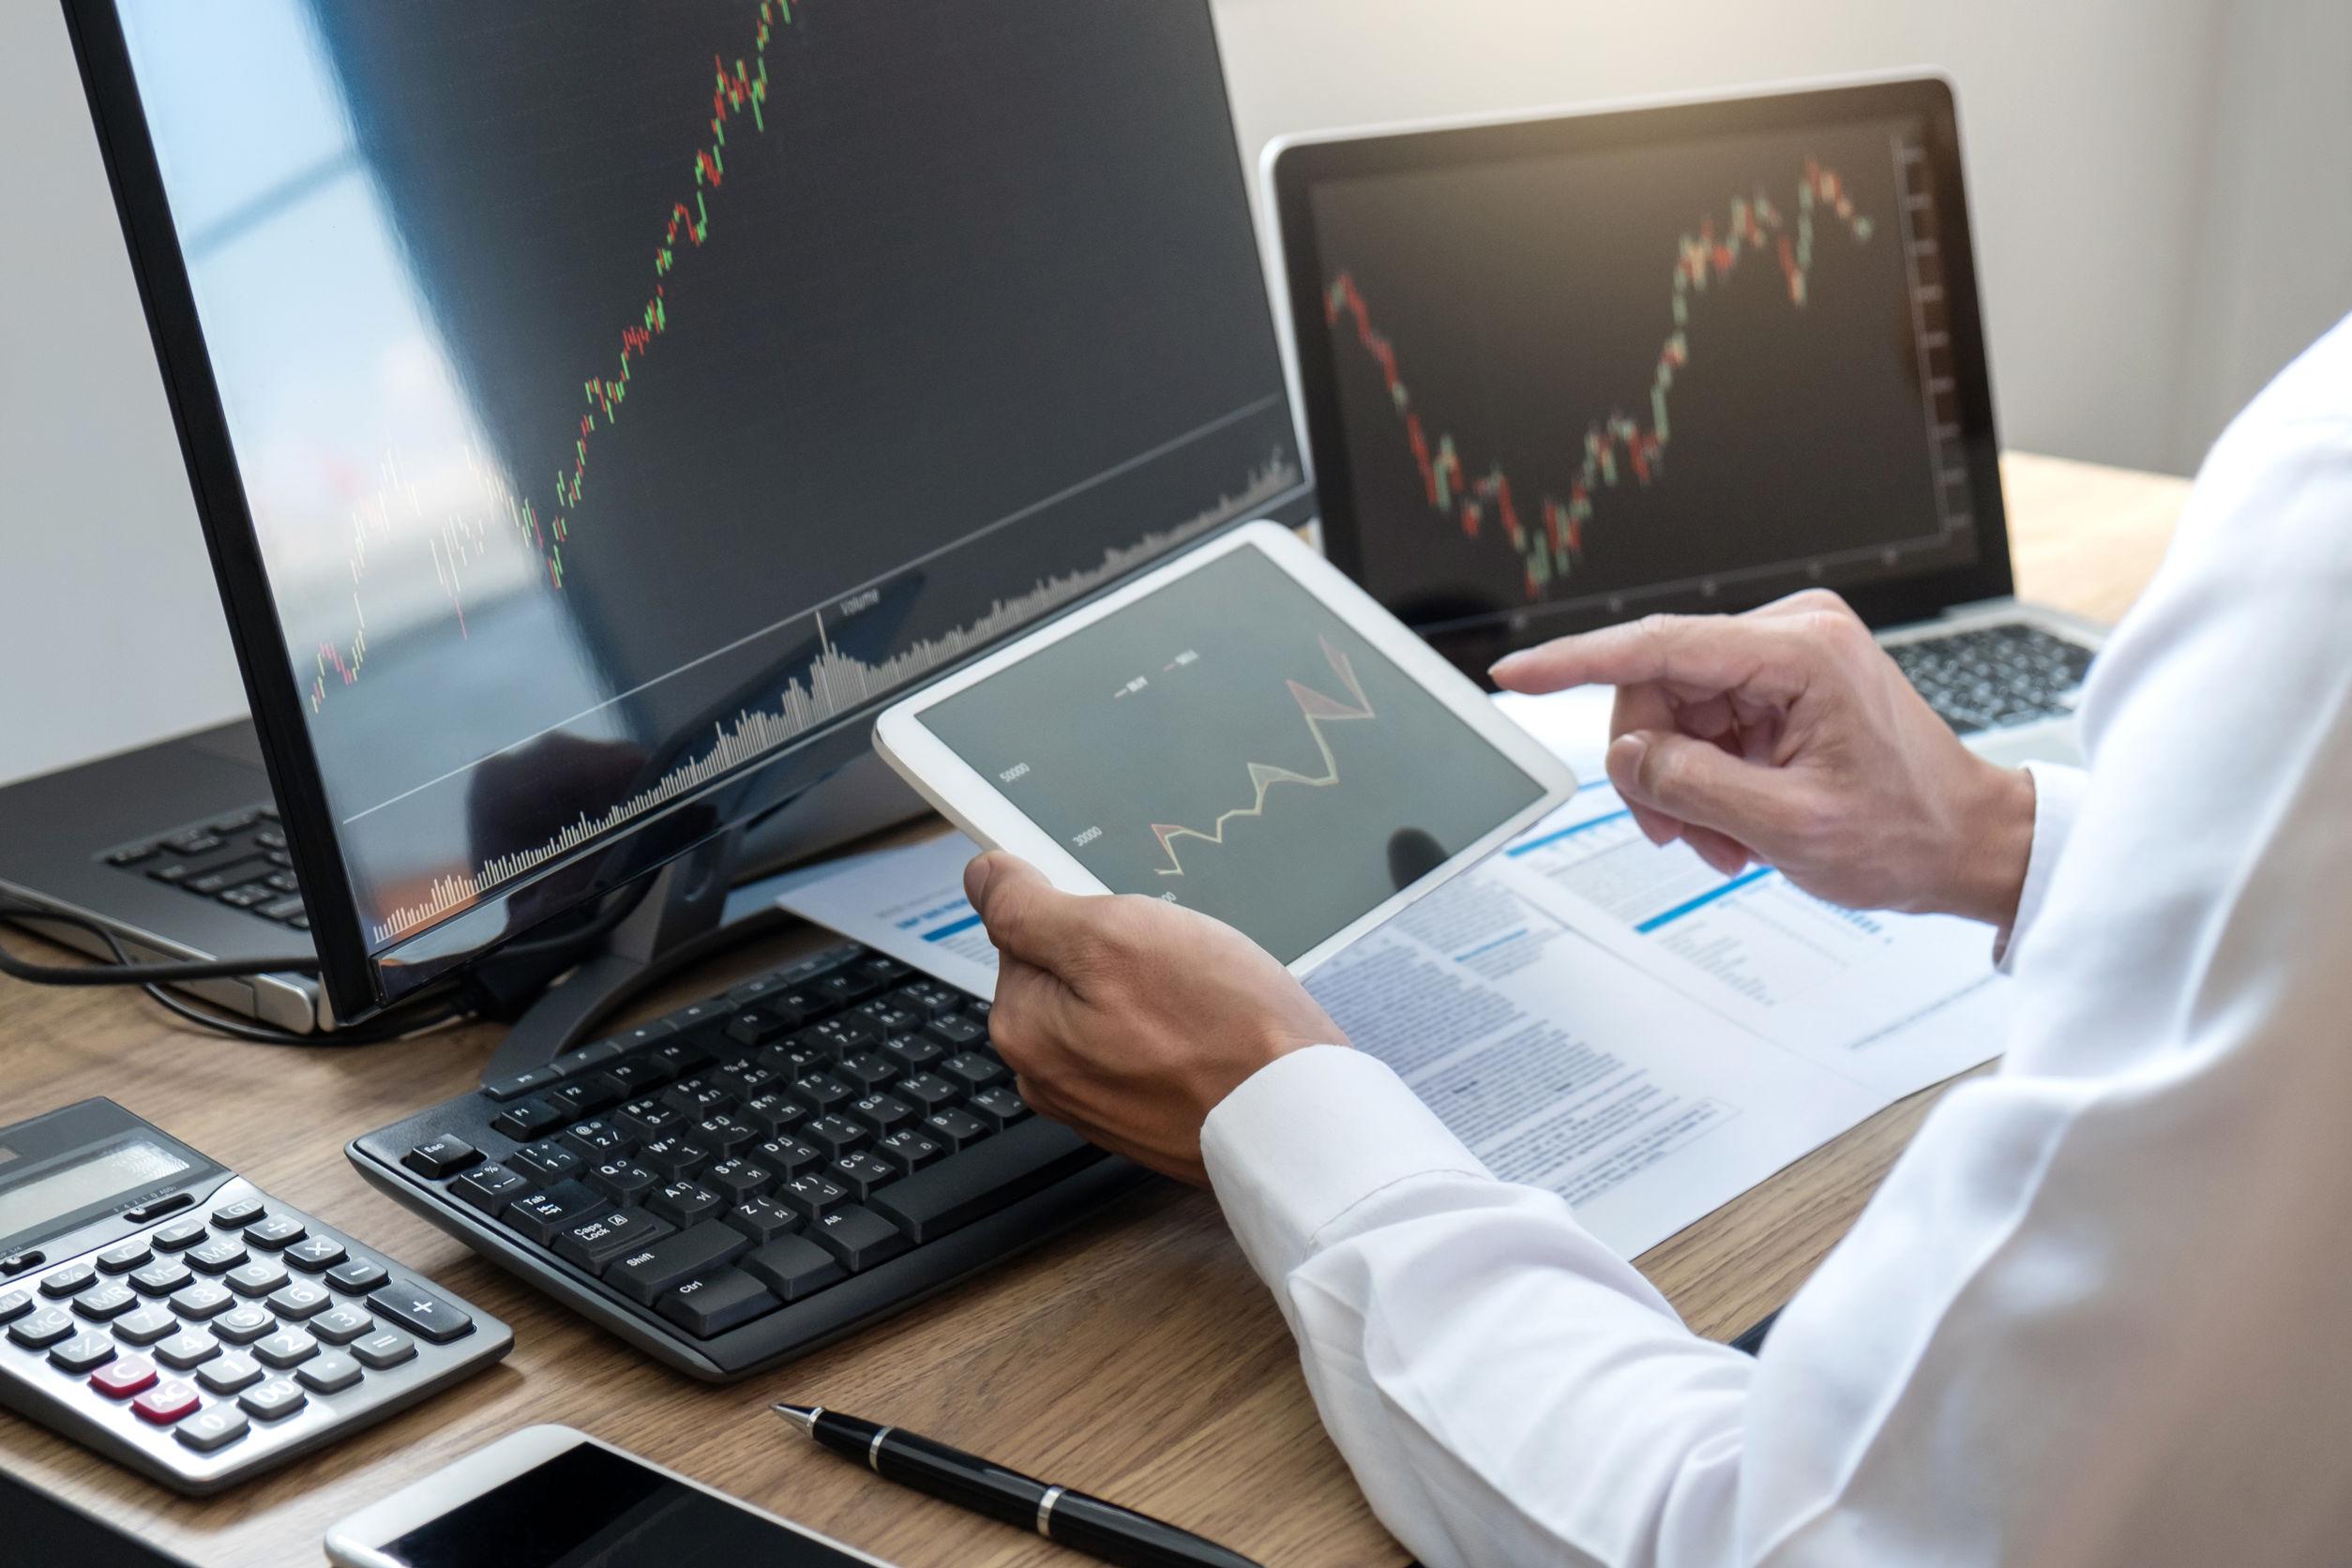 Miglior workstation 2021: Guida all'acquisto